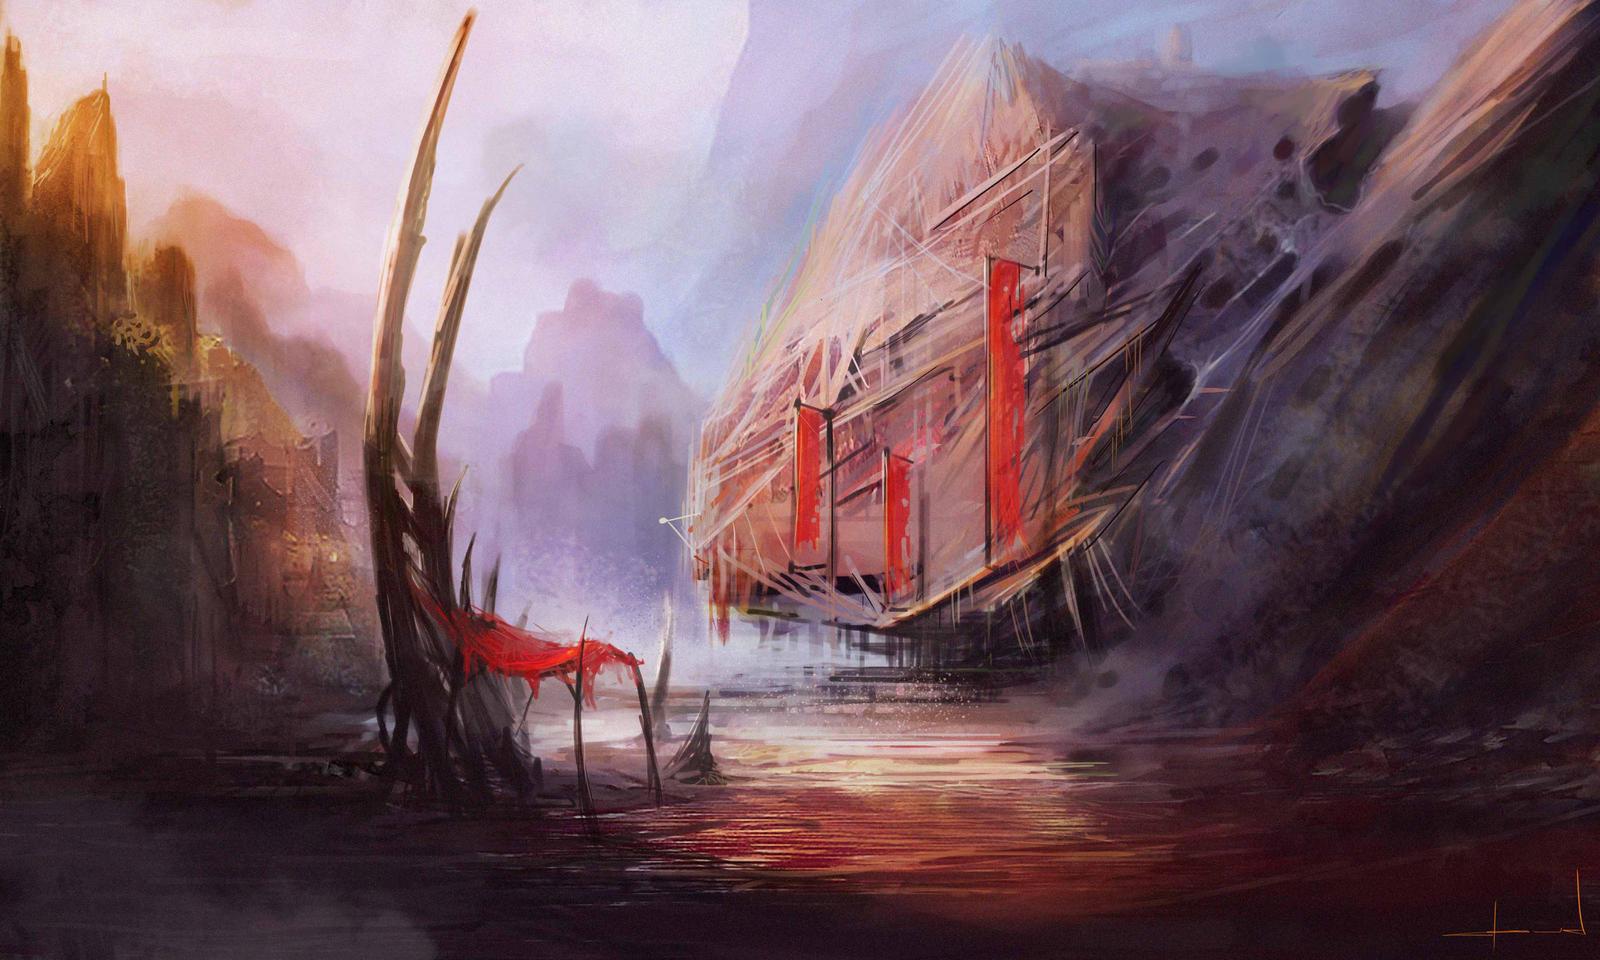 Random Red by Darkcloud013